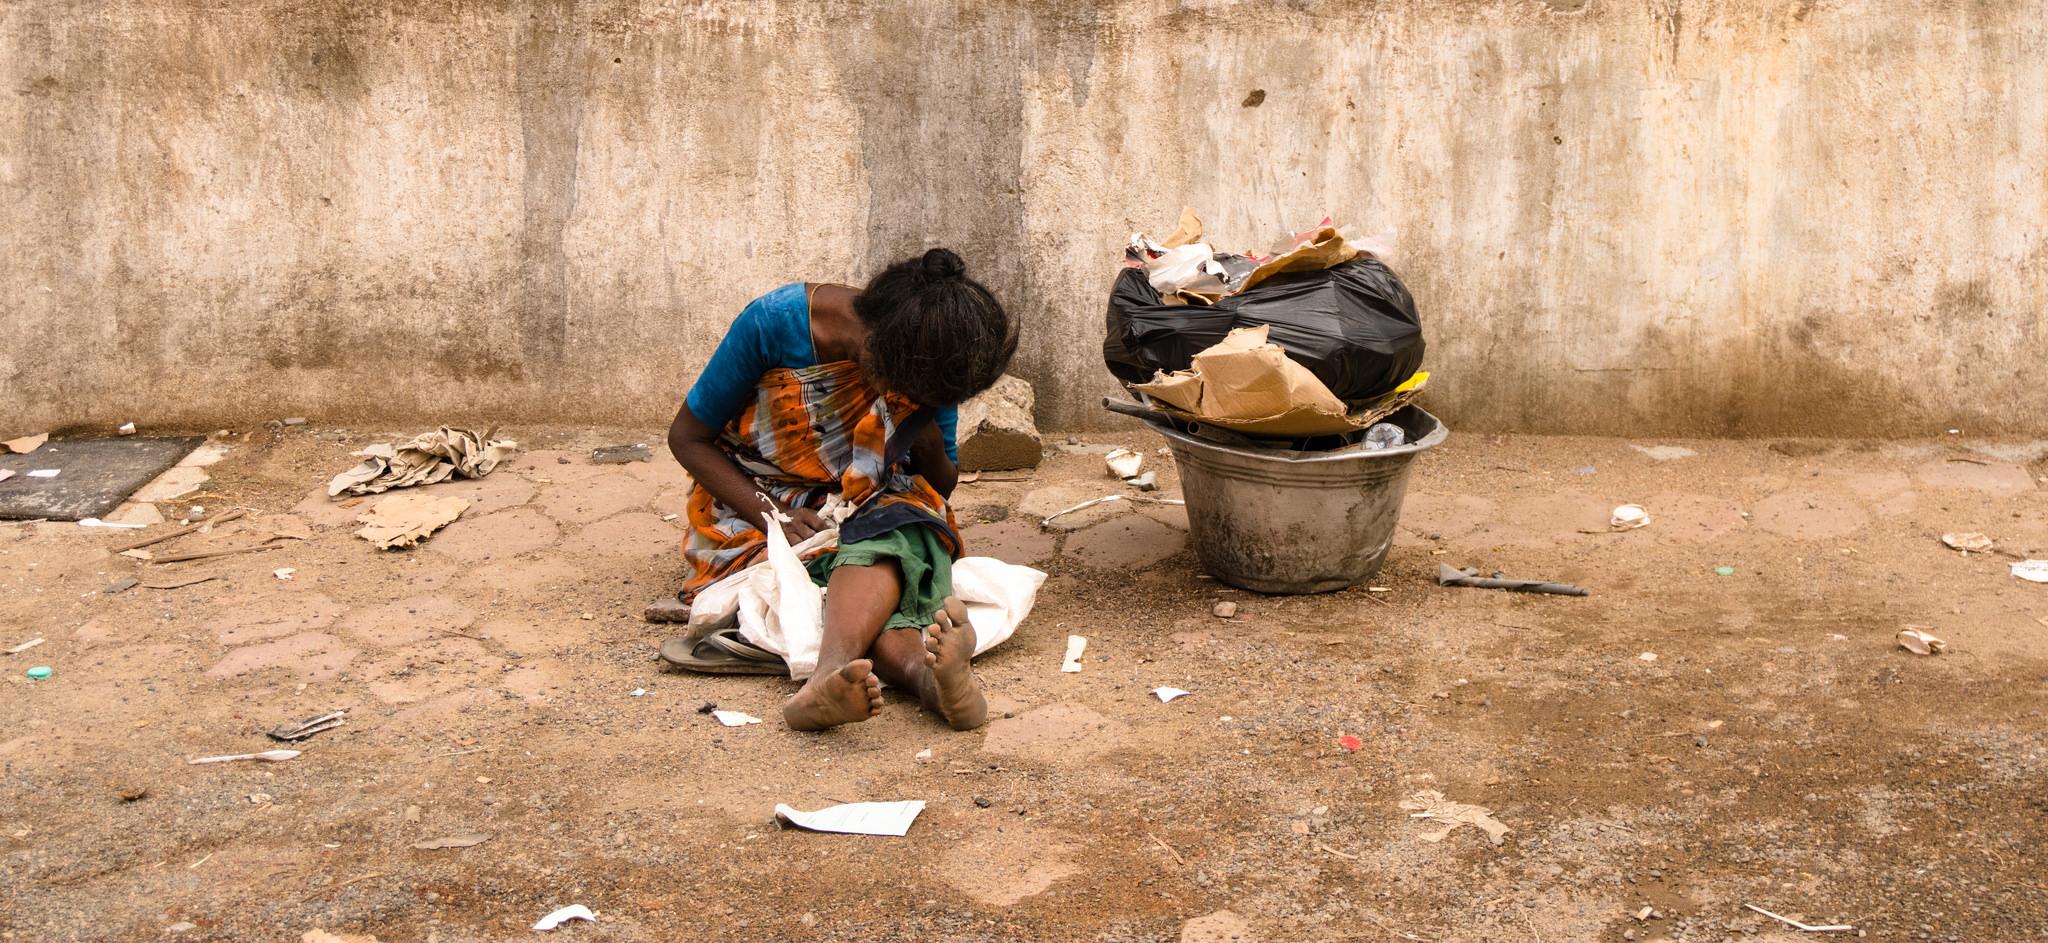 Photo credit: Karthikeyan K/Flickr